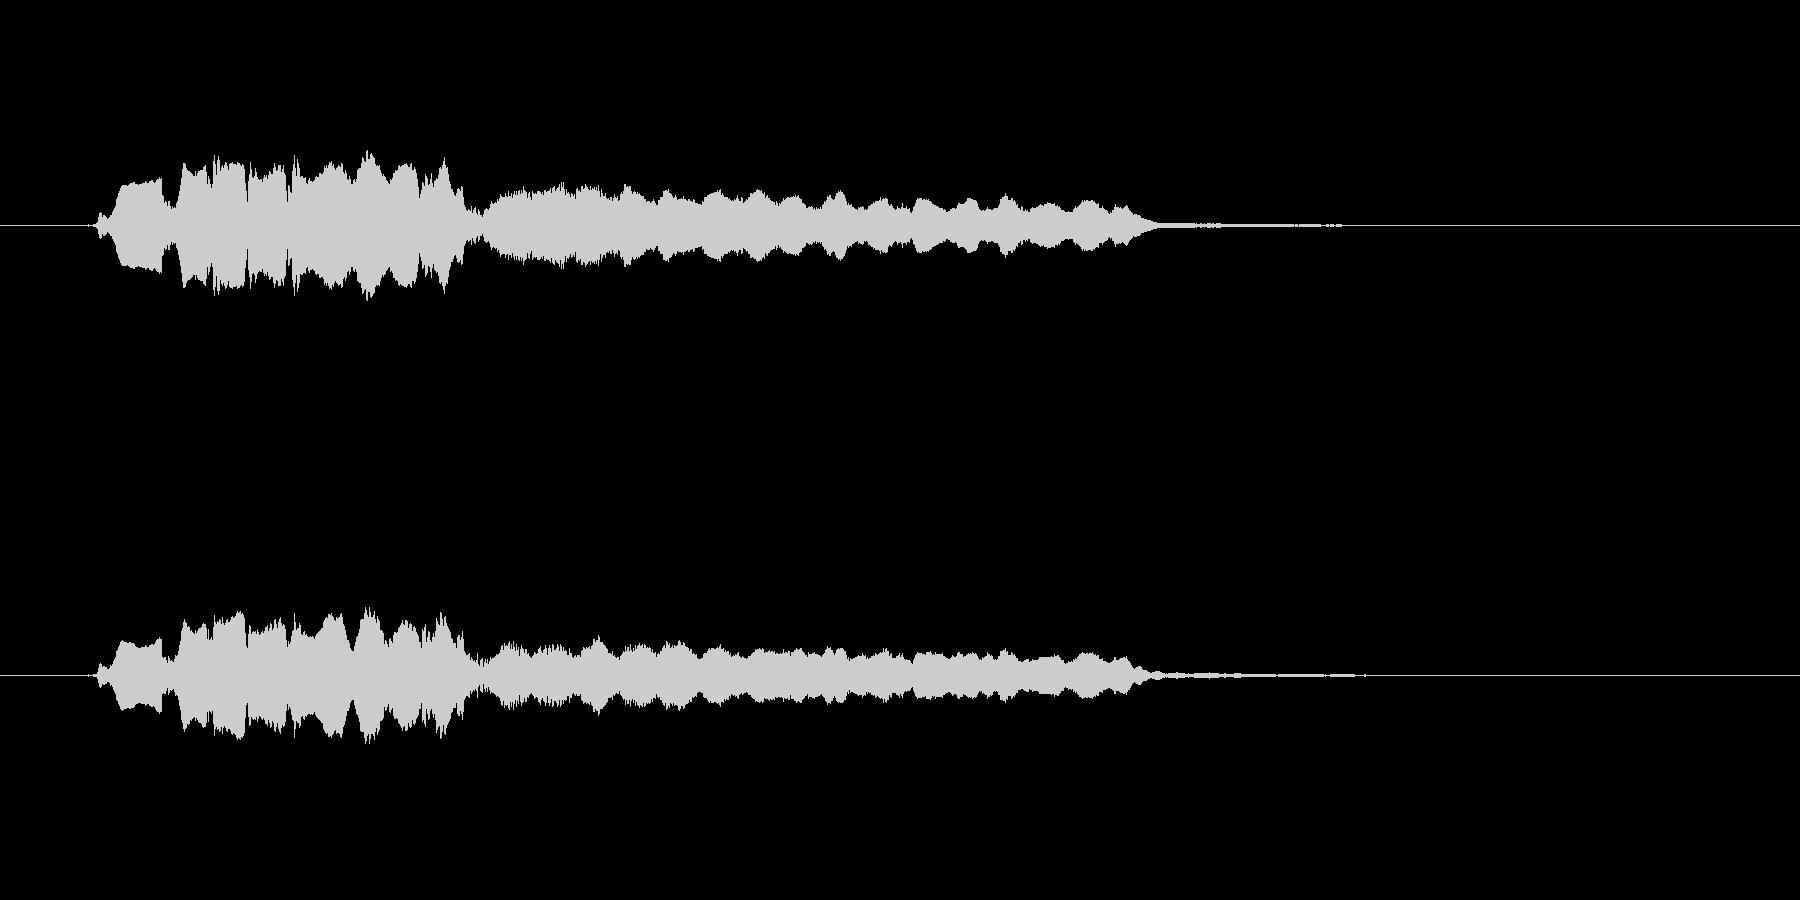 優しい笛の音(切ない、風景)の未再生の波形